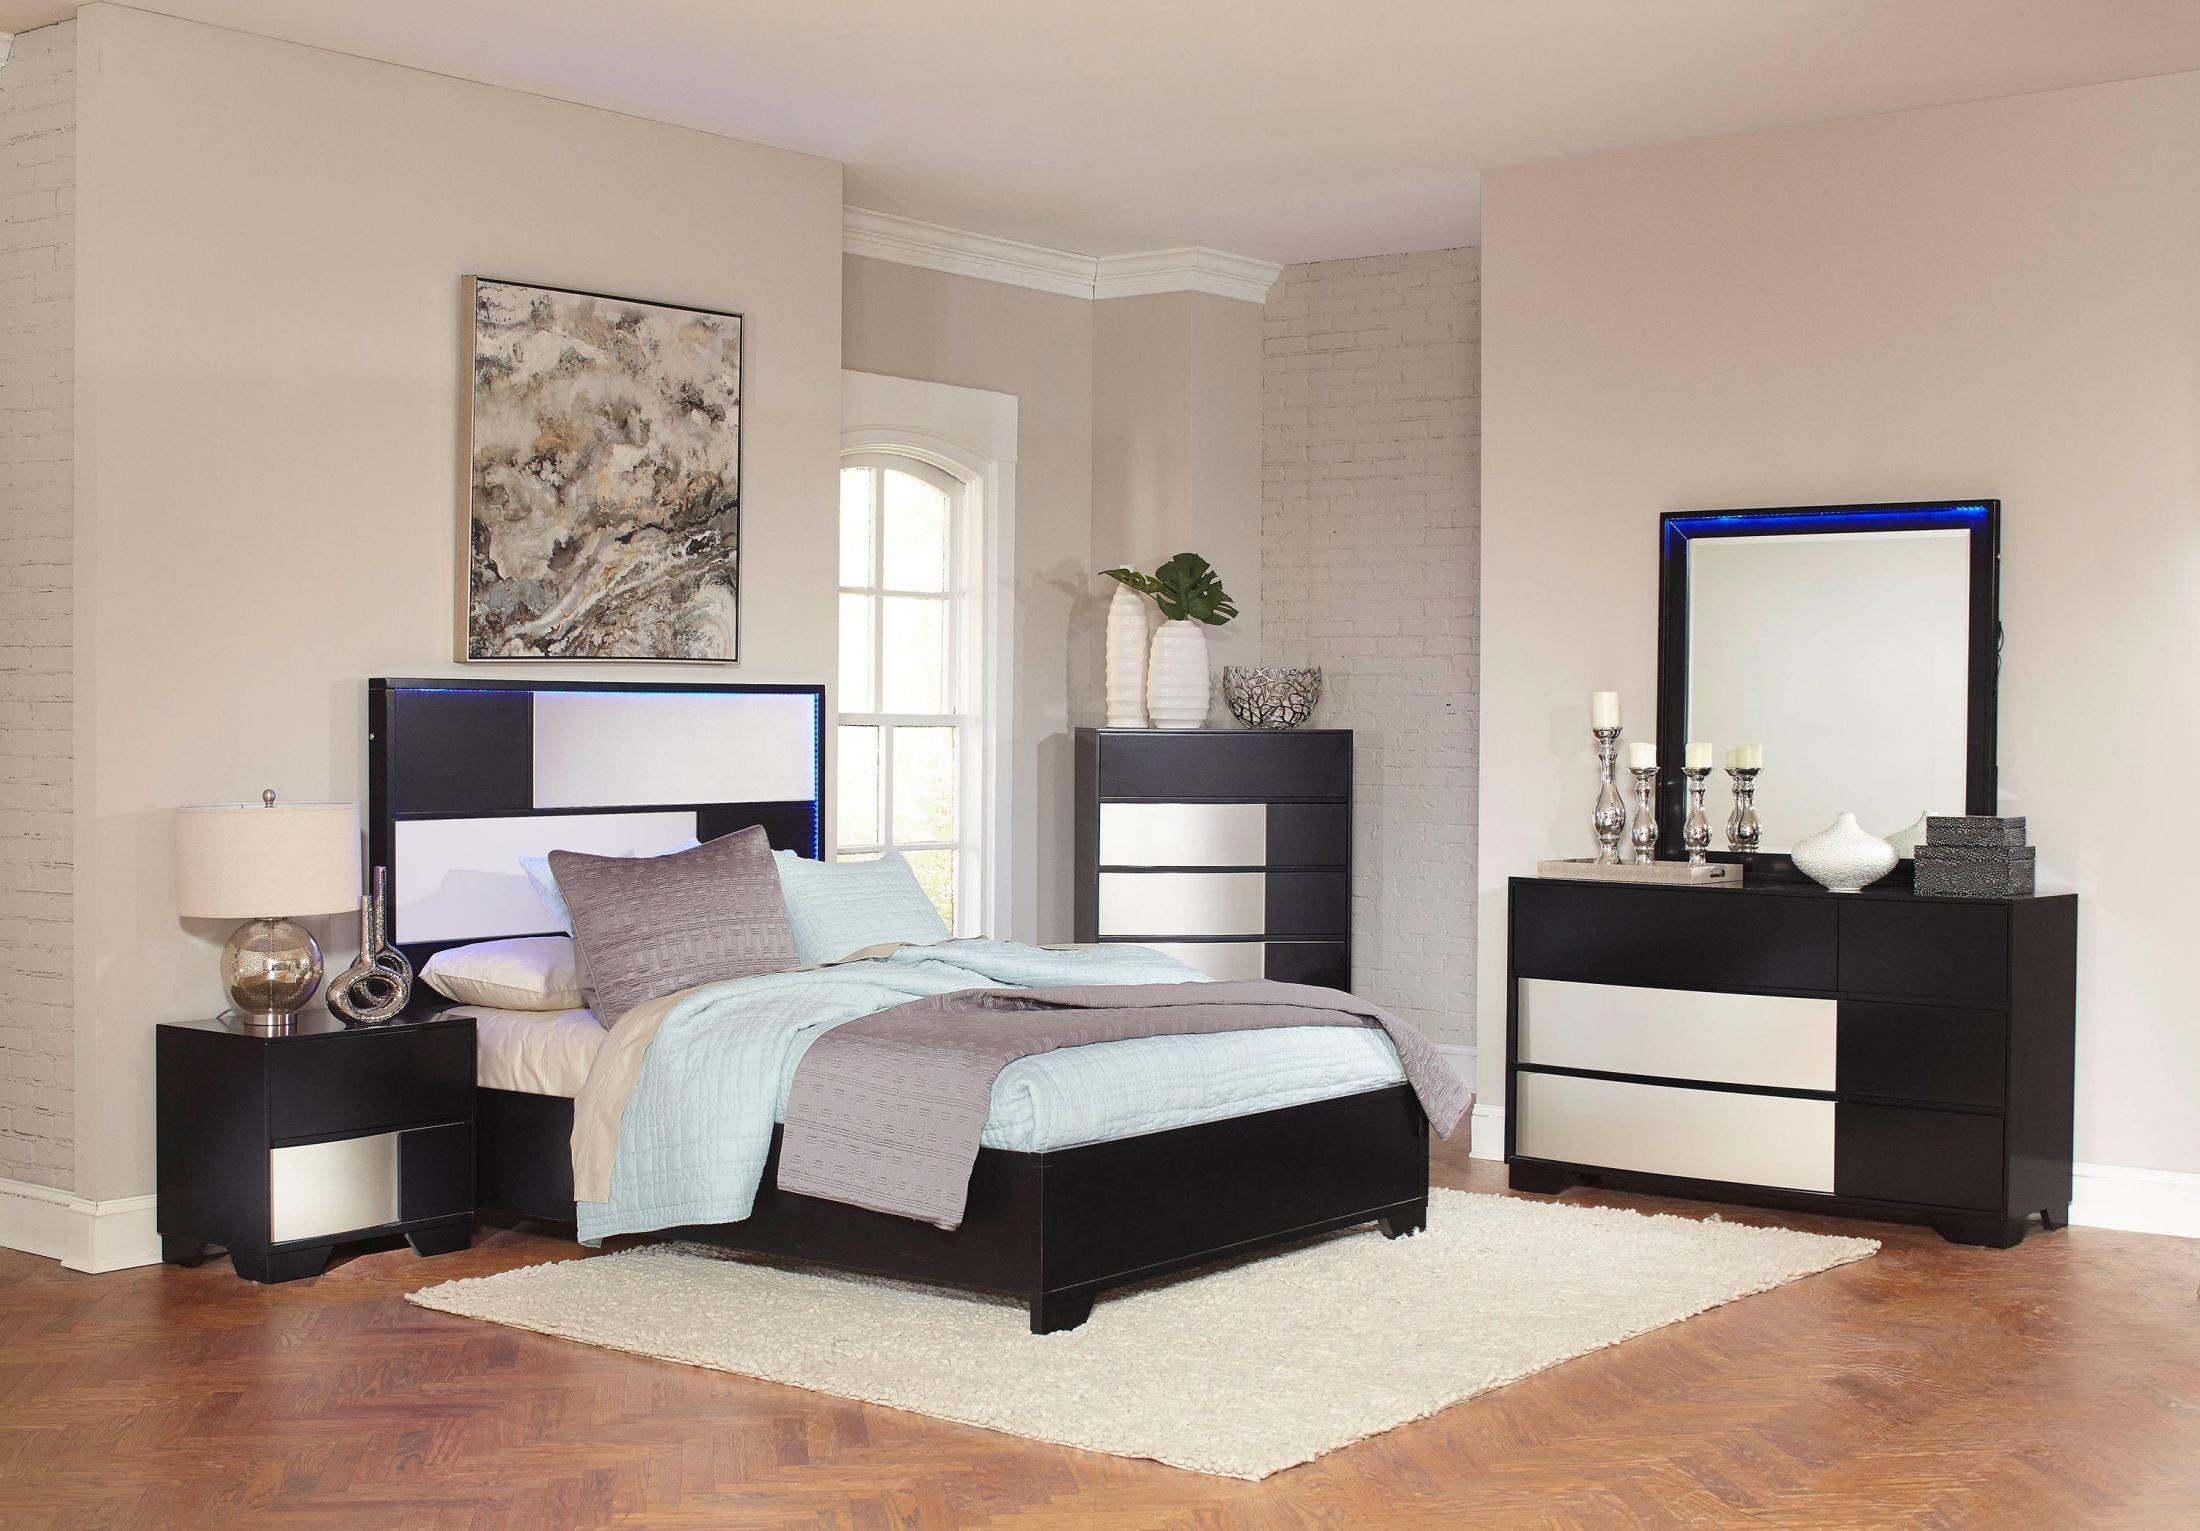 Havering Black And Sterling Platform Bedroom Set, 204781Q